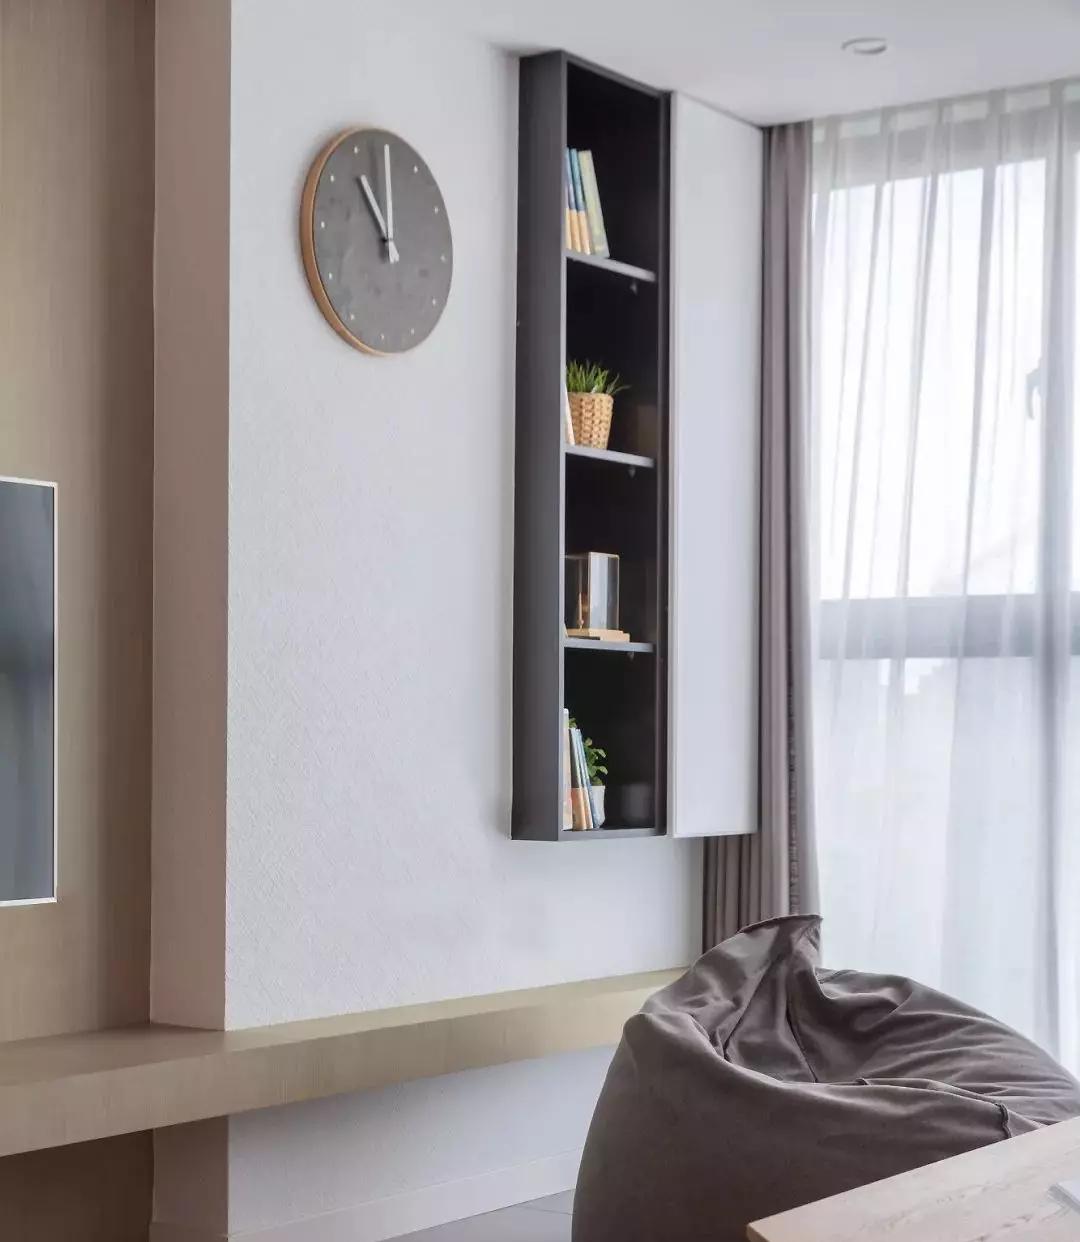 120㎡日式+北欧3室2厅,温暖而治愈的气质美居